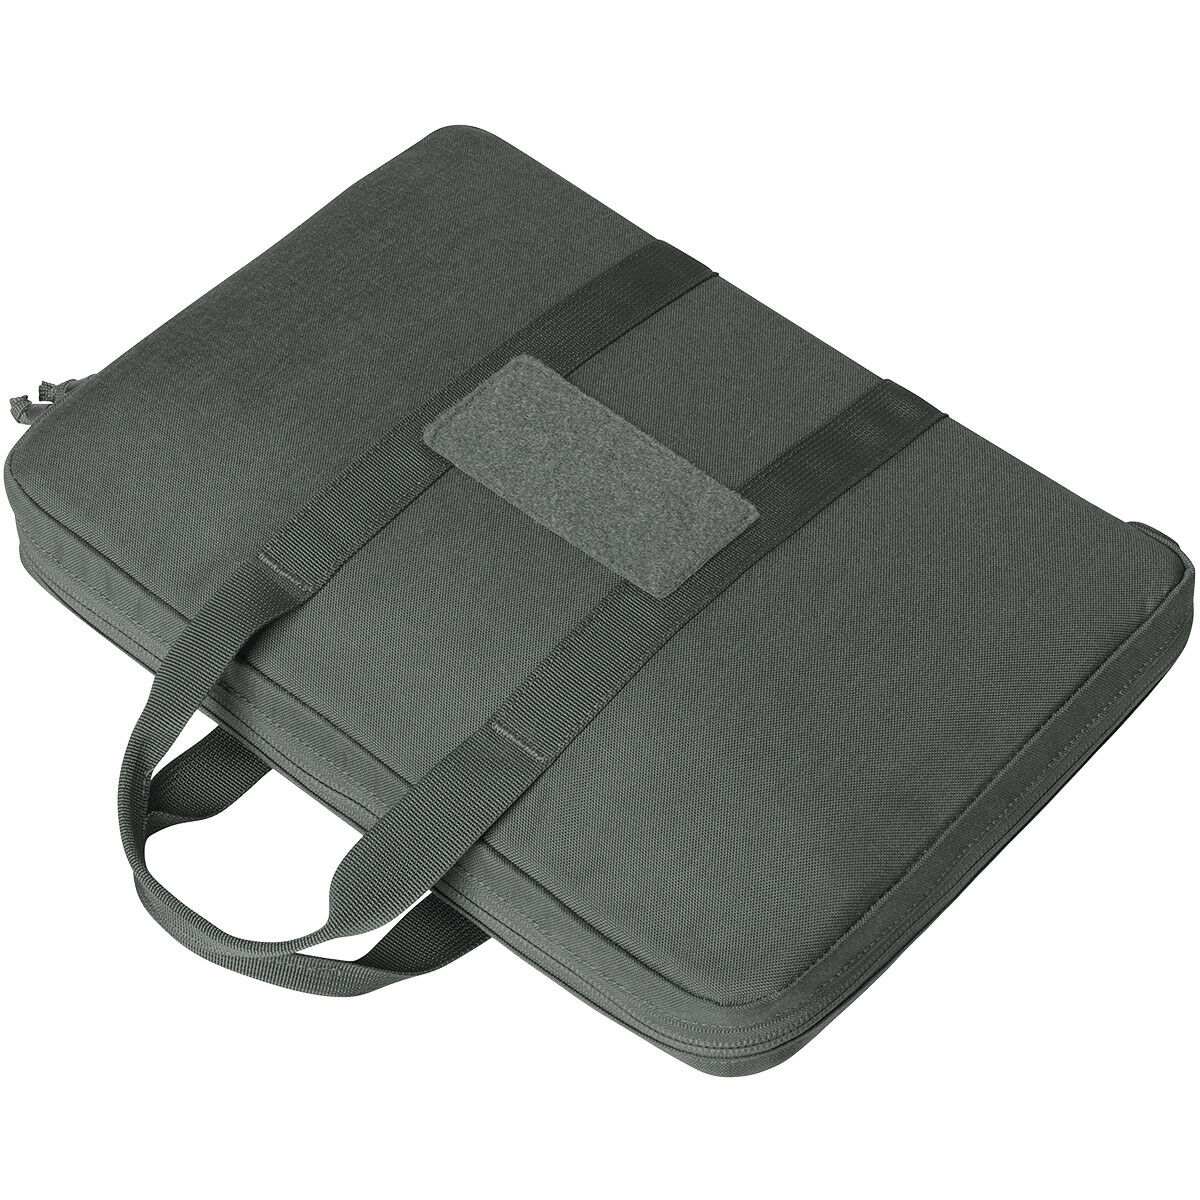 Helikon Double Pistole Brieftasche Tragen Tragen Tragen Träger Bereich Waffe Tasche Grau 9faa49